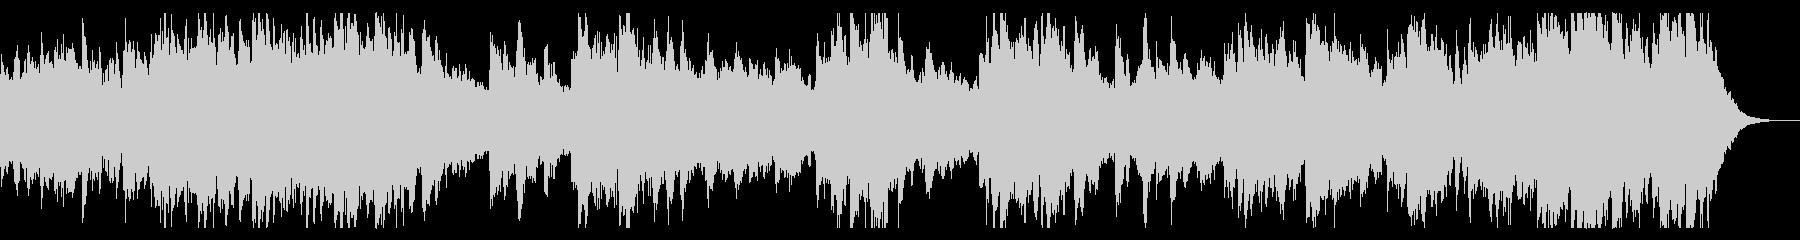 ダークでミステリアスなピアノ主体のBGMの未再生の波形